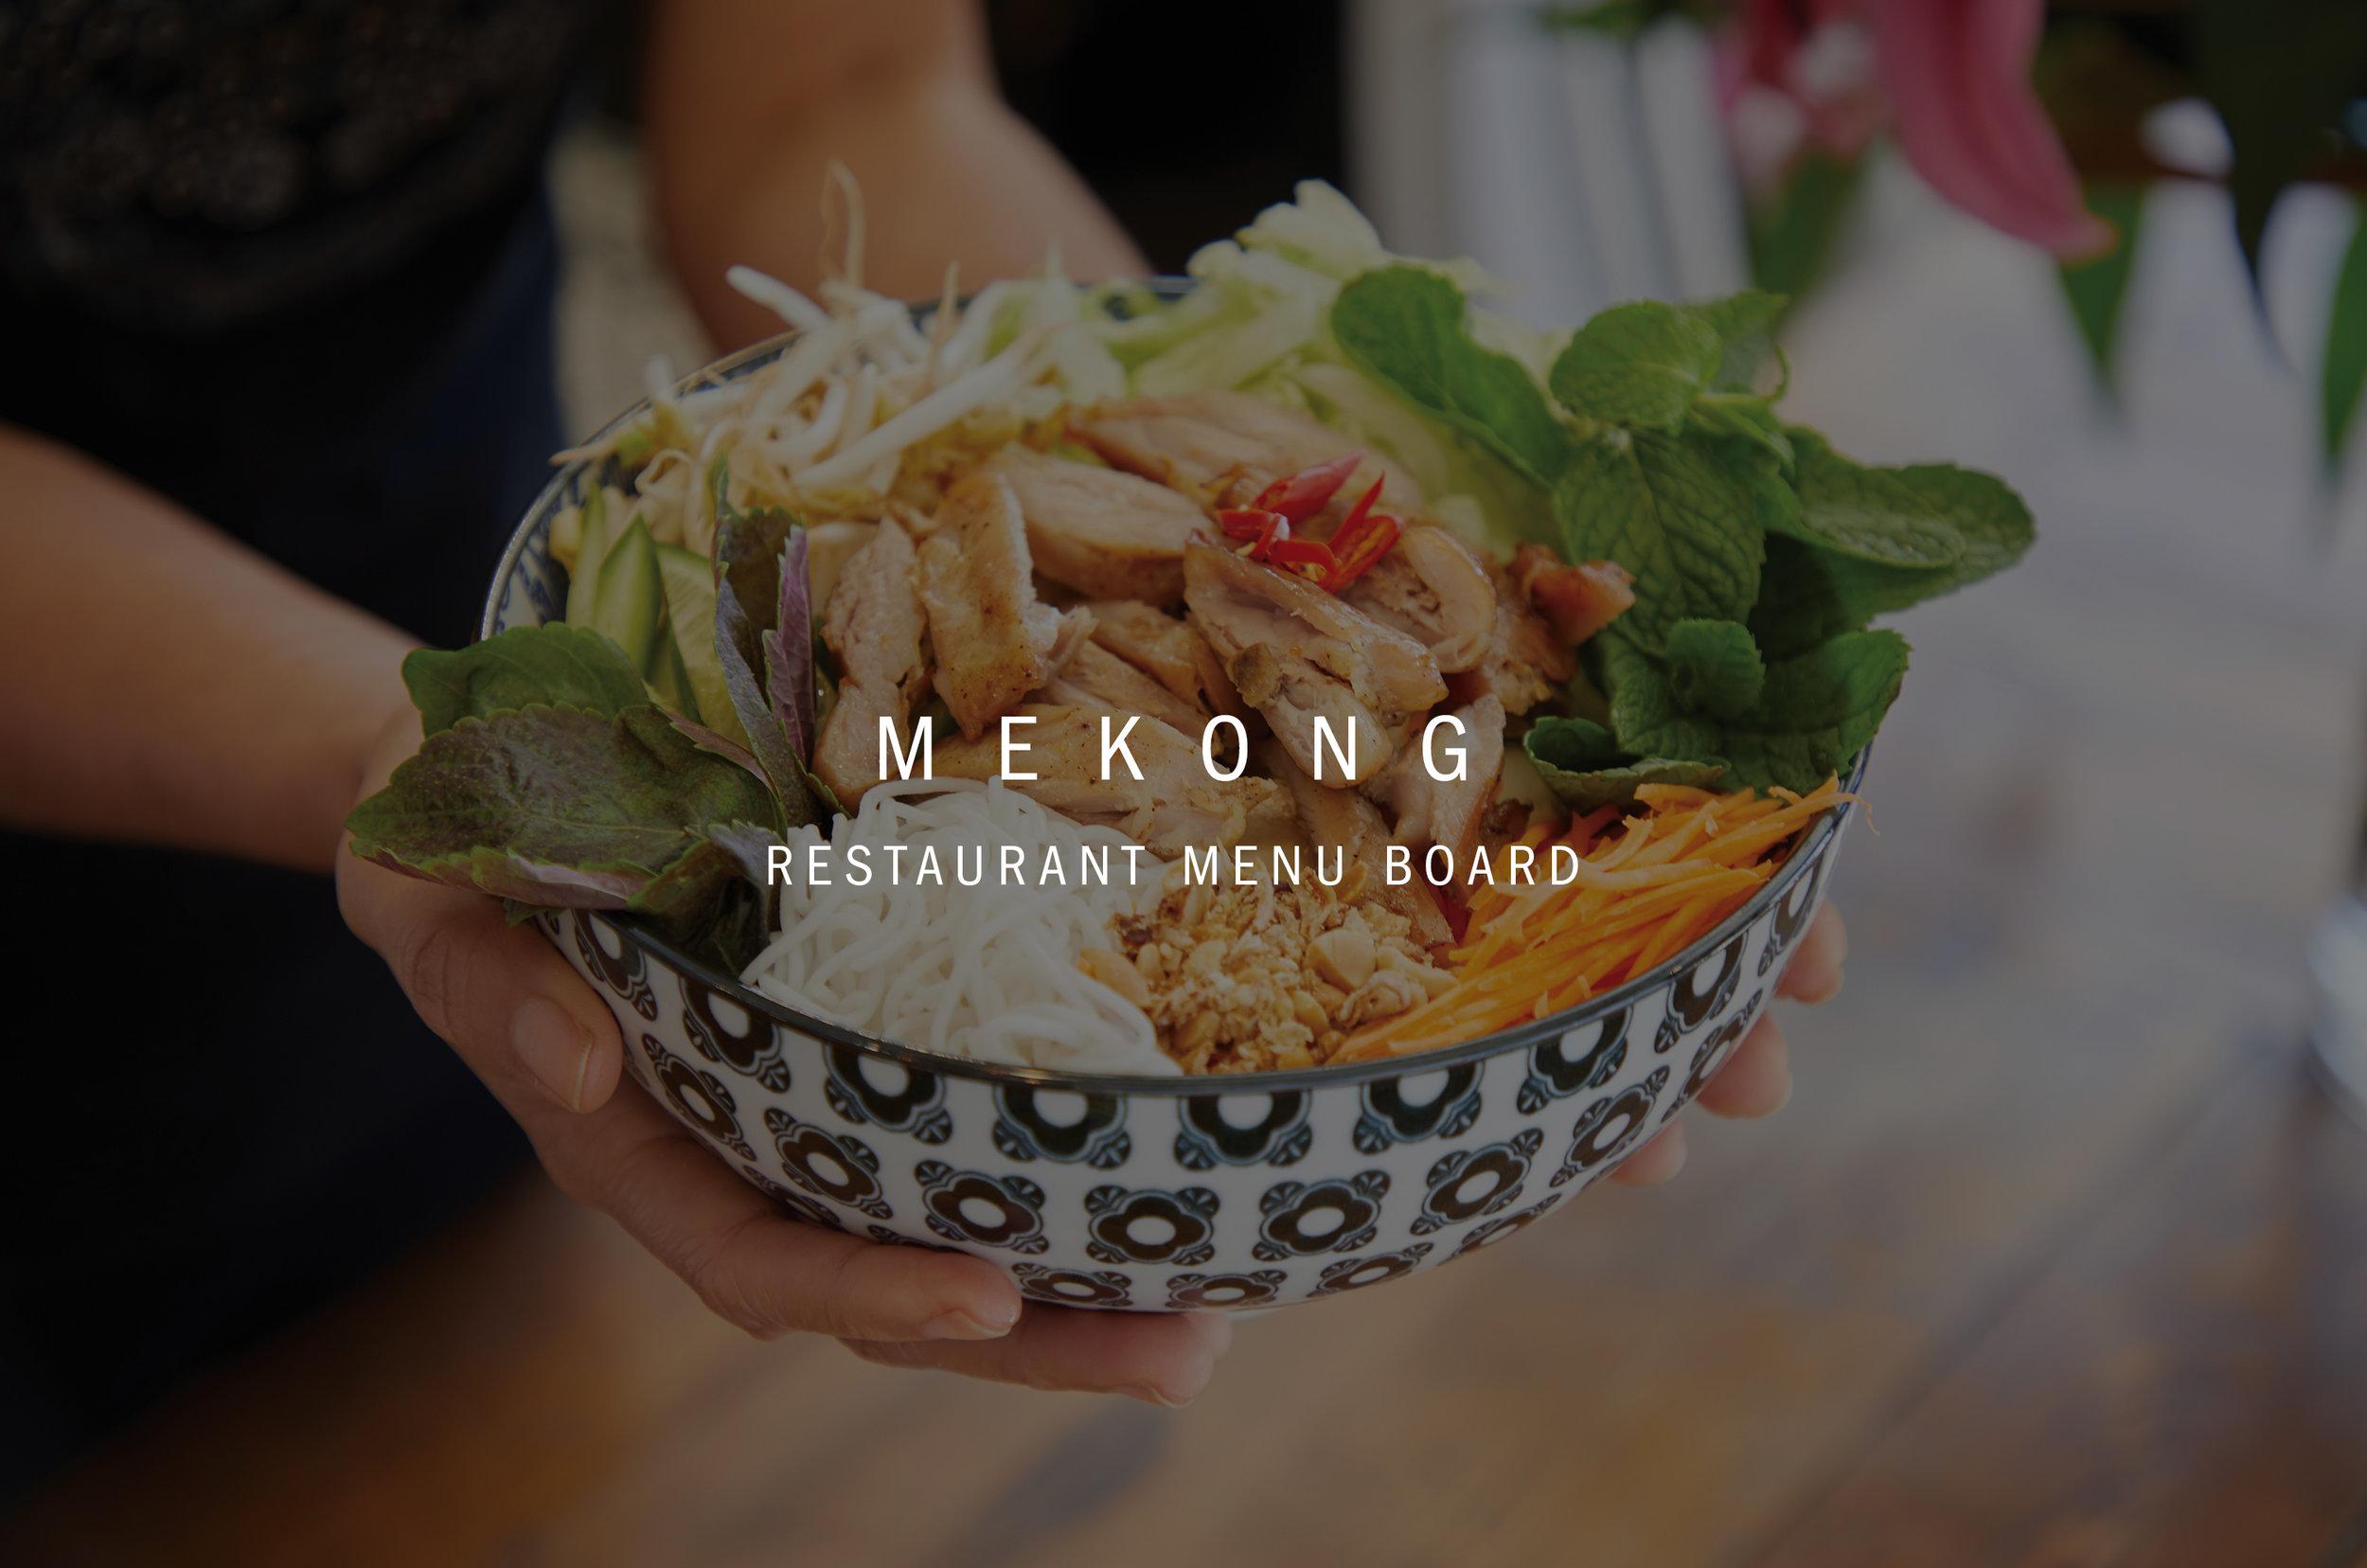 Mekong Vietnamese Restaurant Counter Menu Board